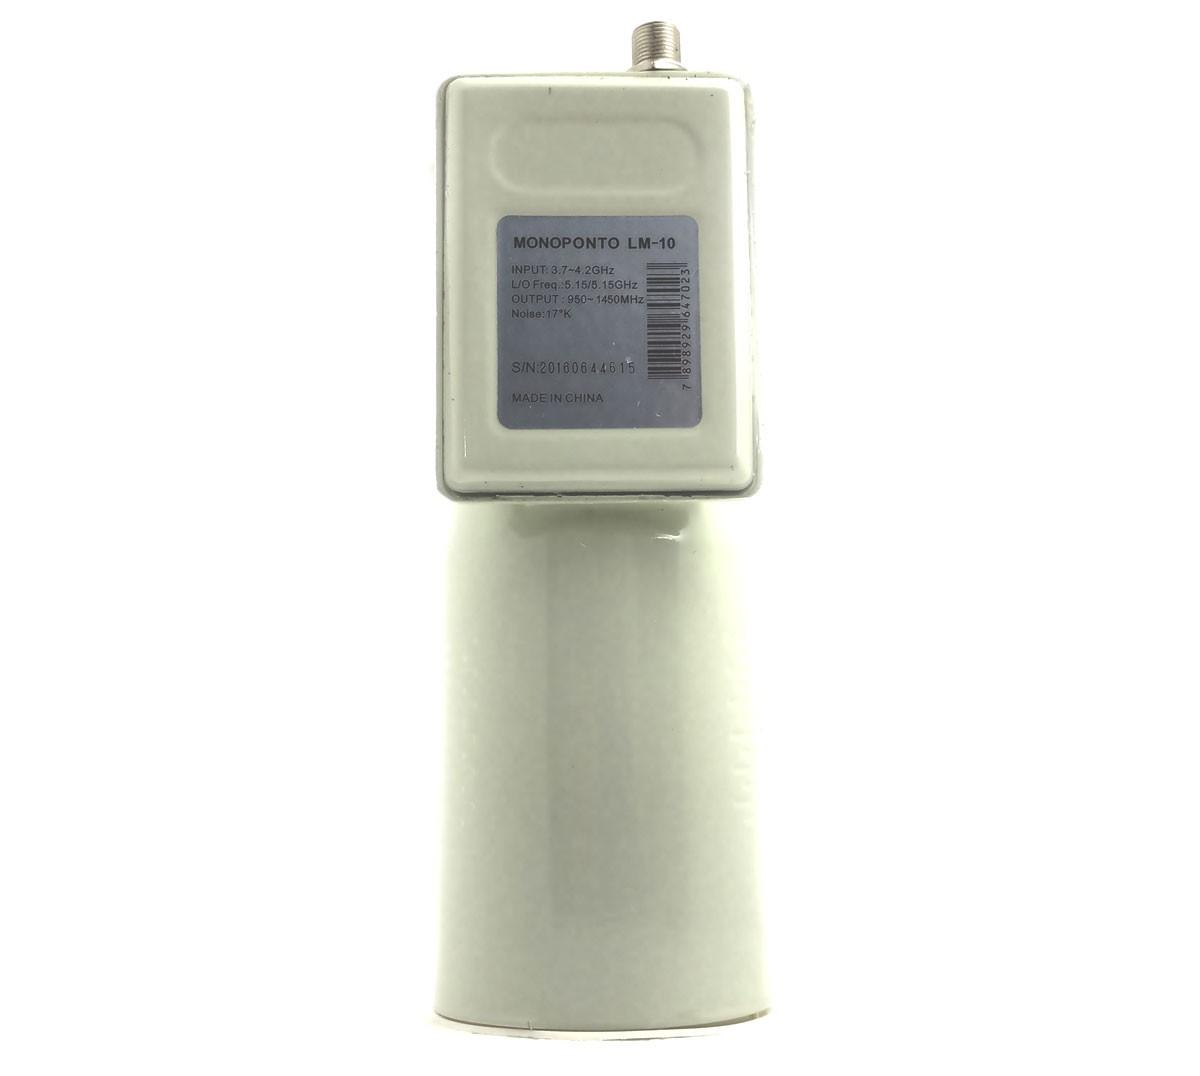 Lnbf monoponto para antena parabolica banda c Analógico, Digital e HD TV.